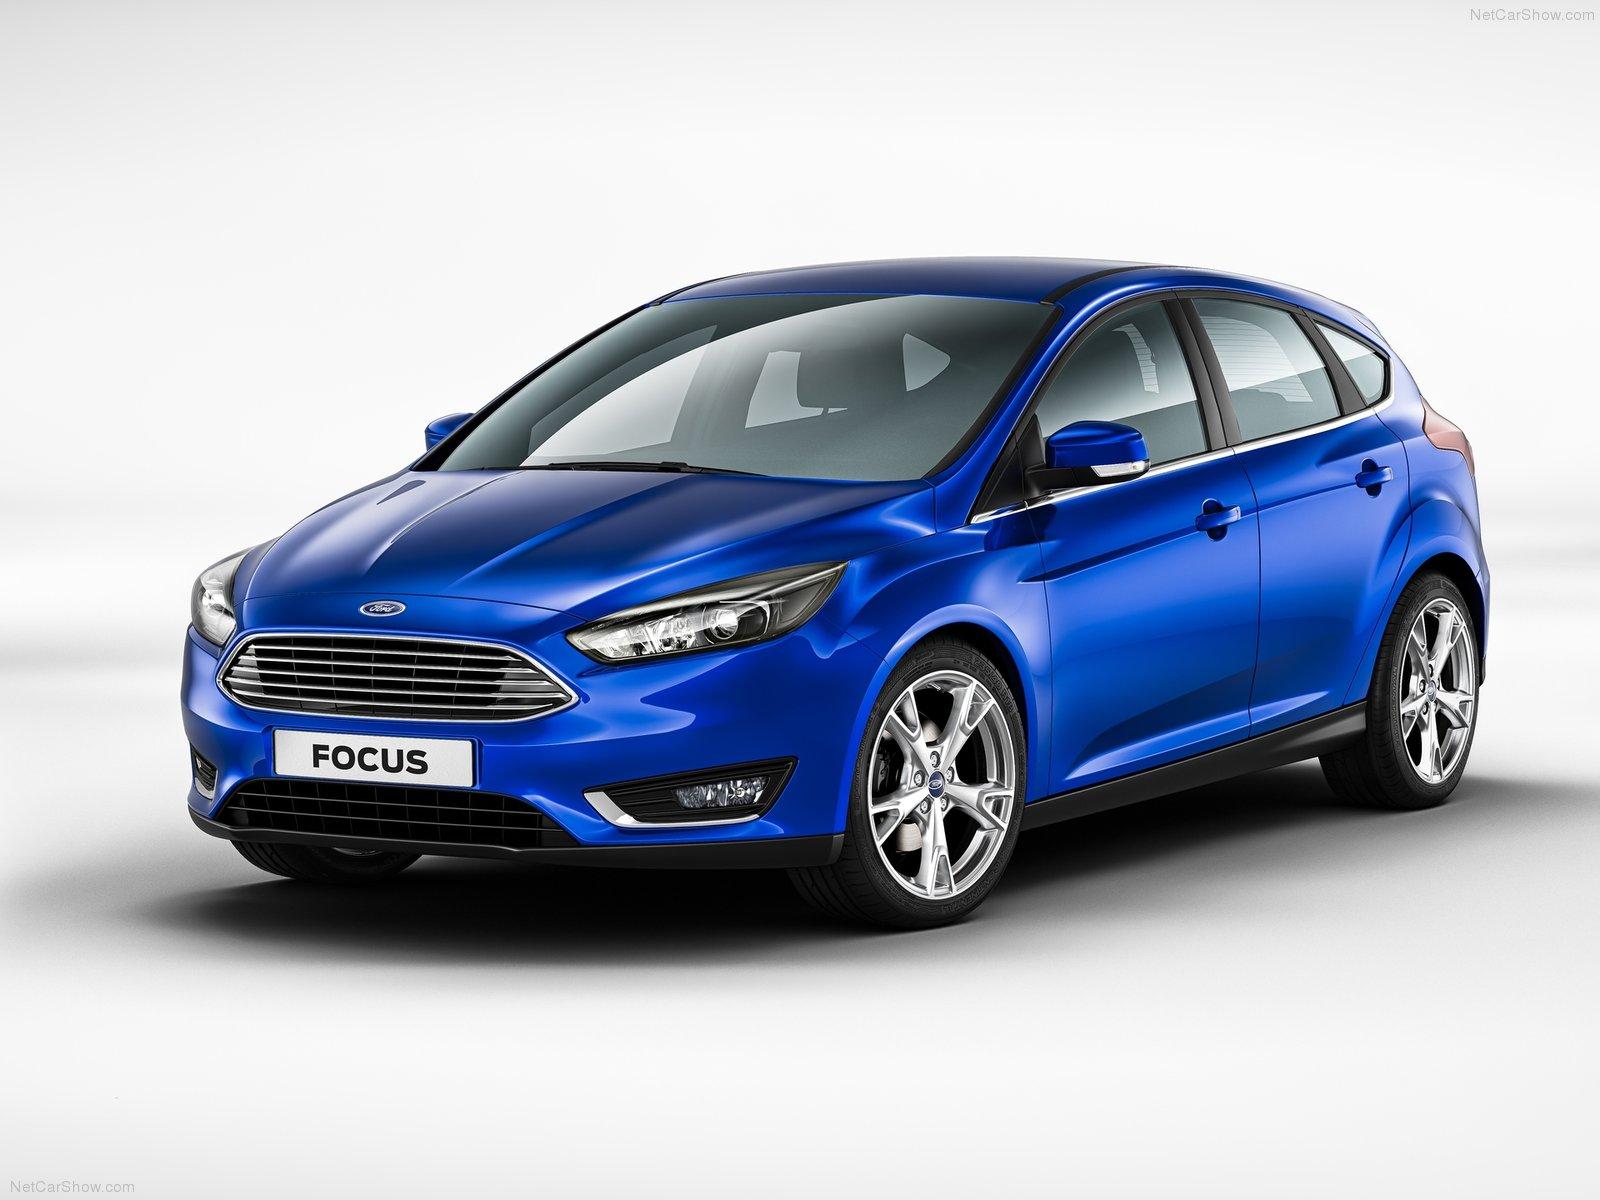 форд фокус новая модель фото